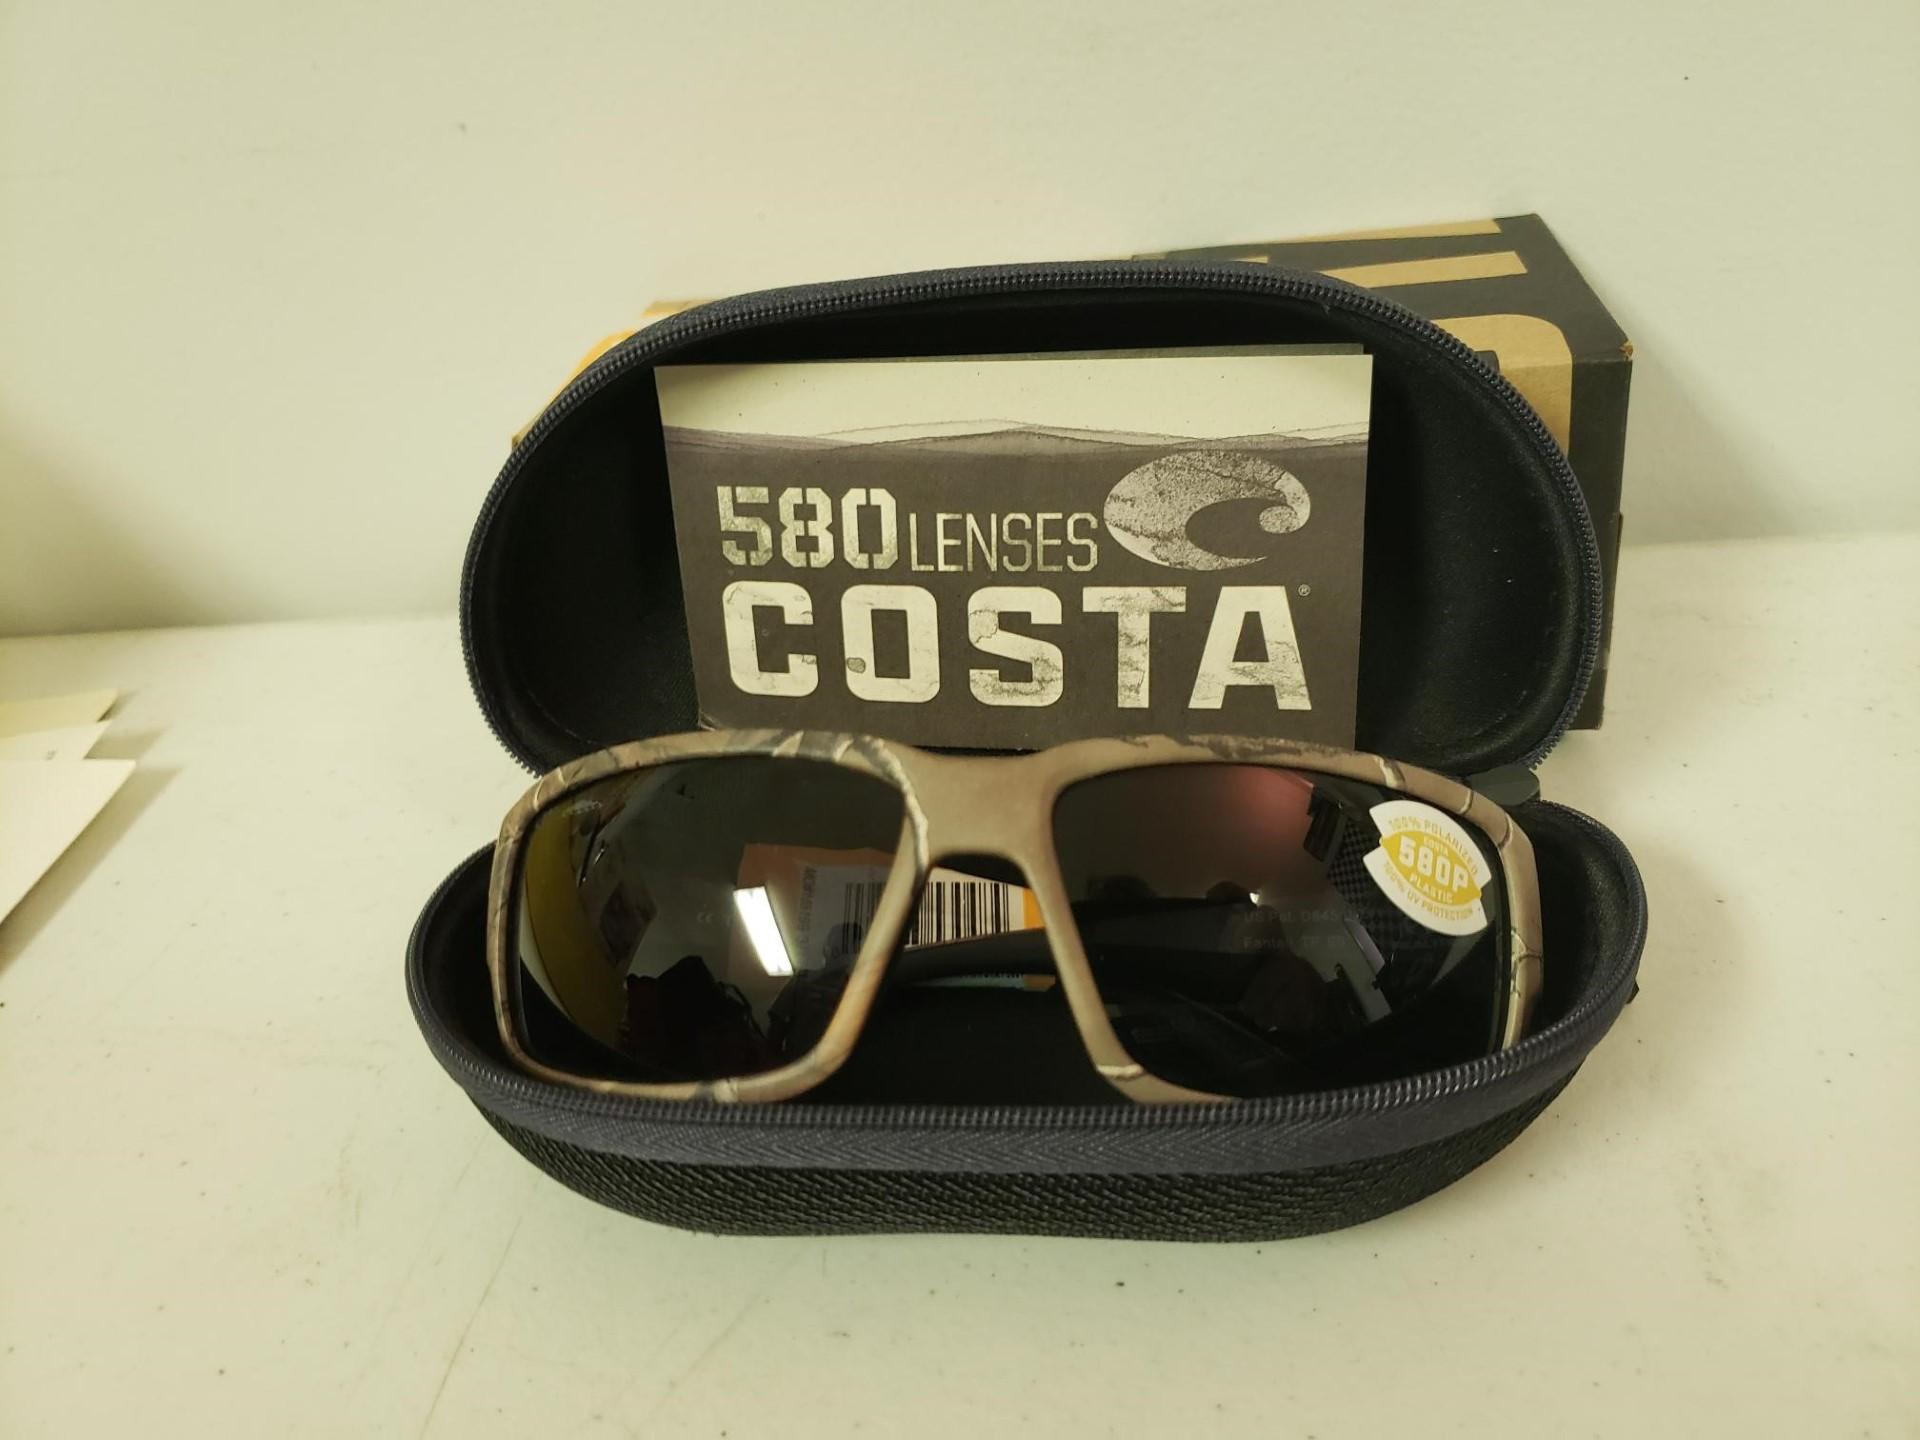 COSTA 580 Lenses